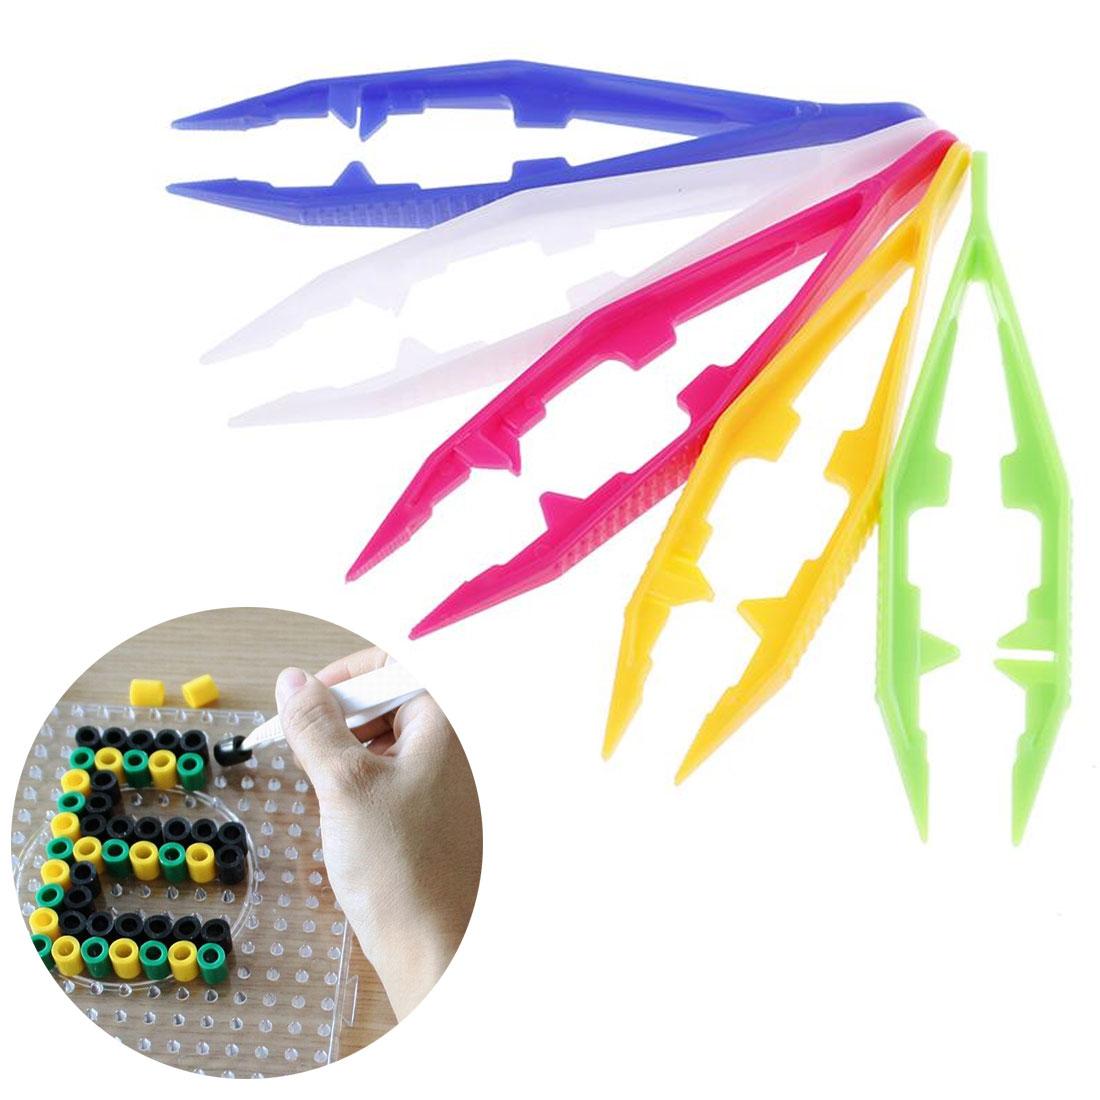 1 Pcs Funny Durable Children Kids Tools Tweezers Kids' Craft For Perler Bead New Design Random Color